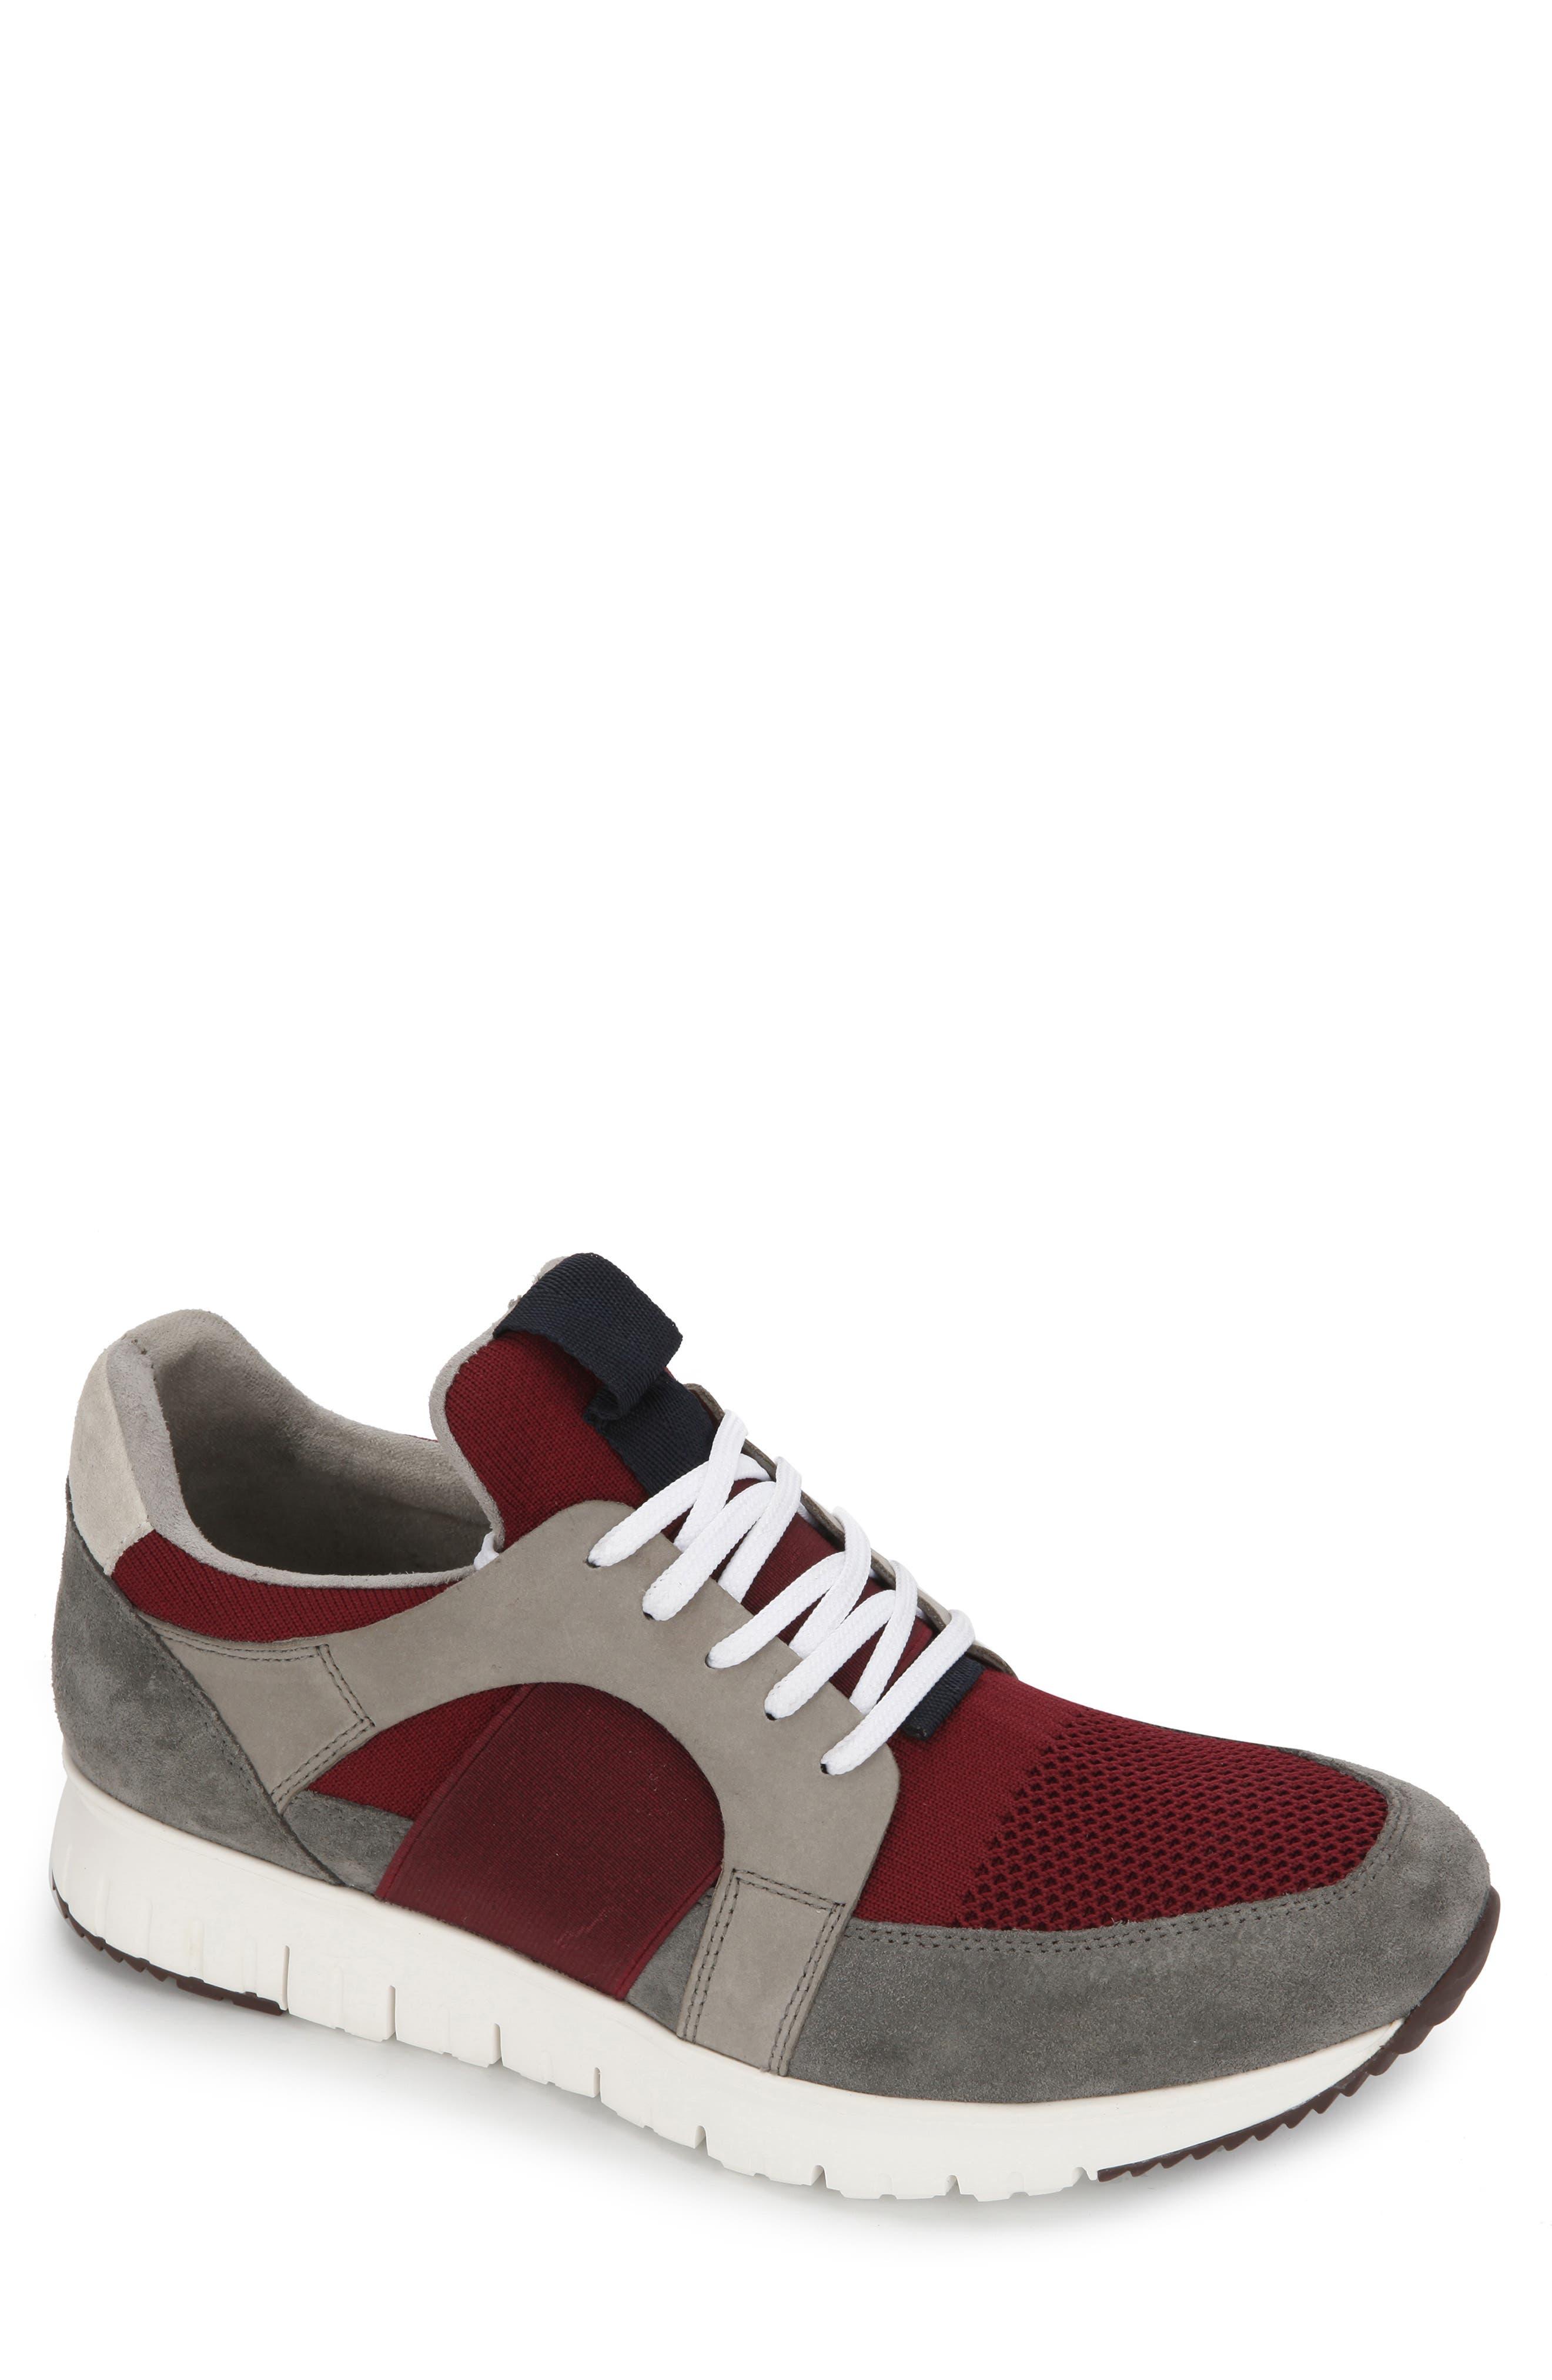 Bailey Sneaker, Main, color, BORDEAUX LEATHER